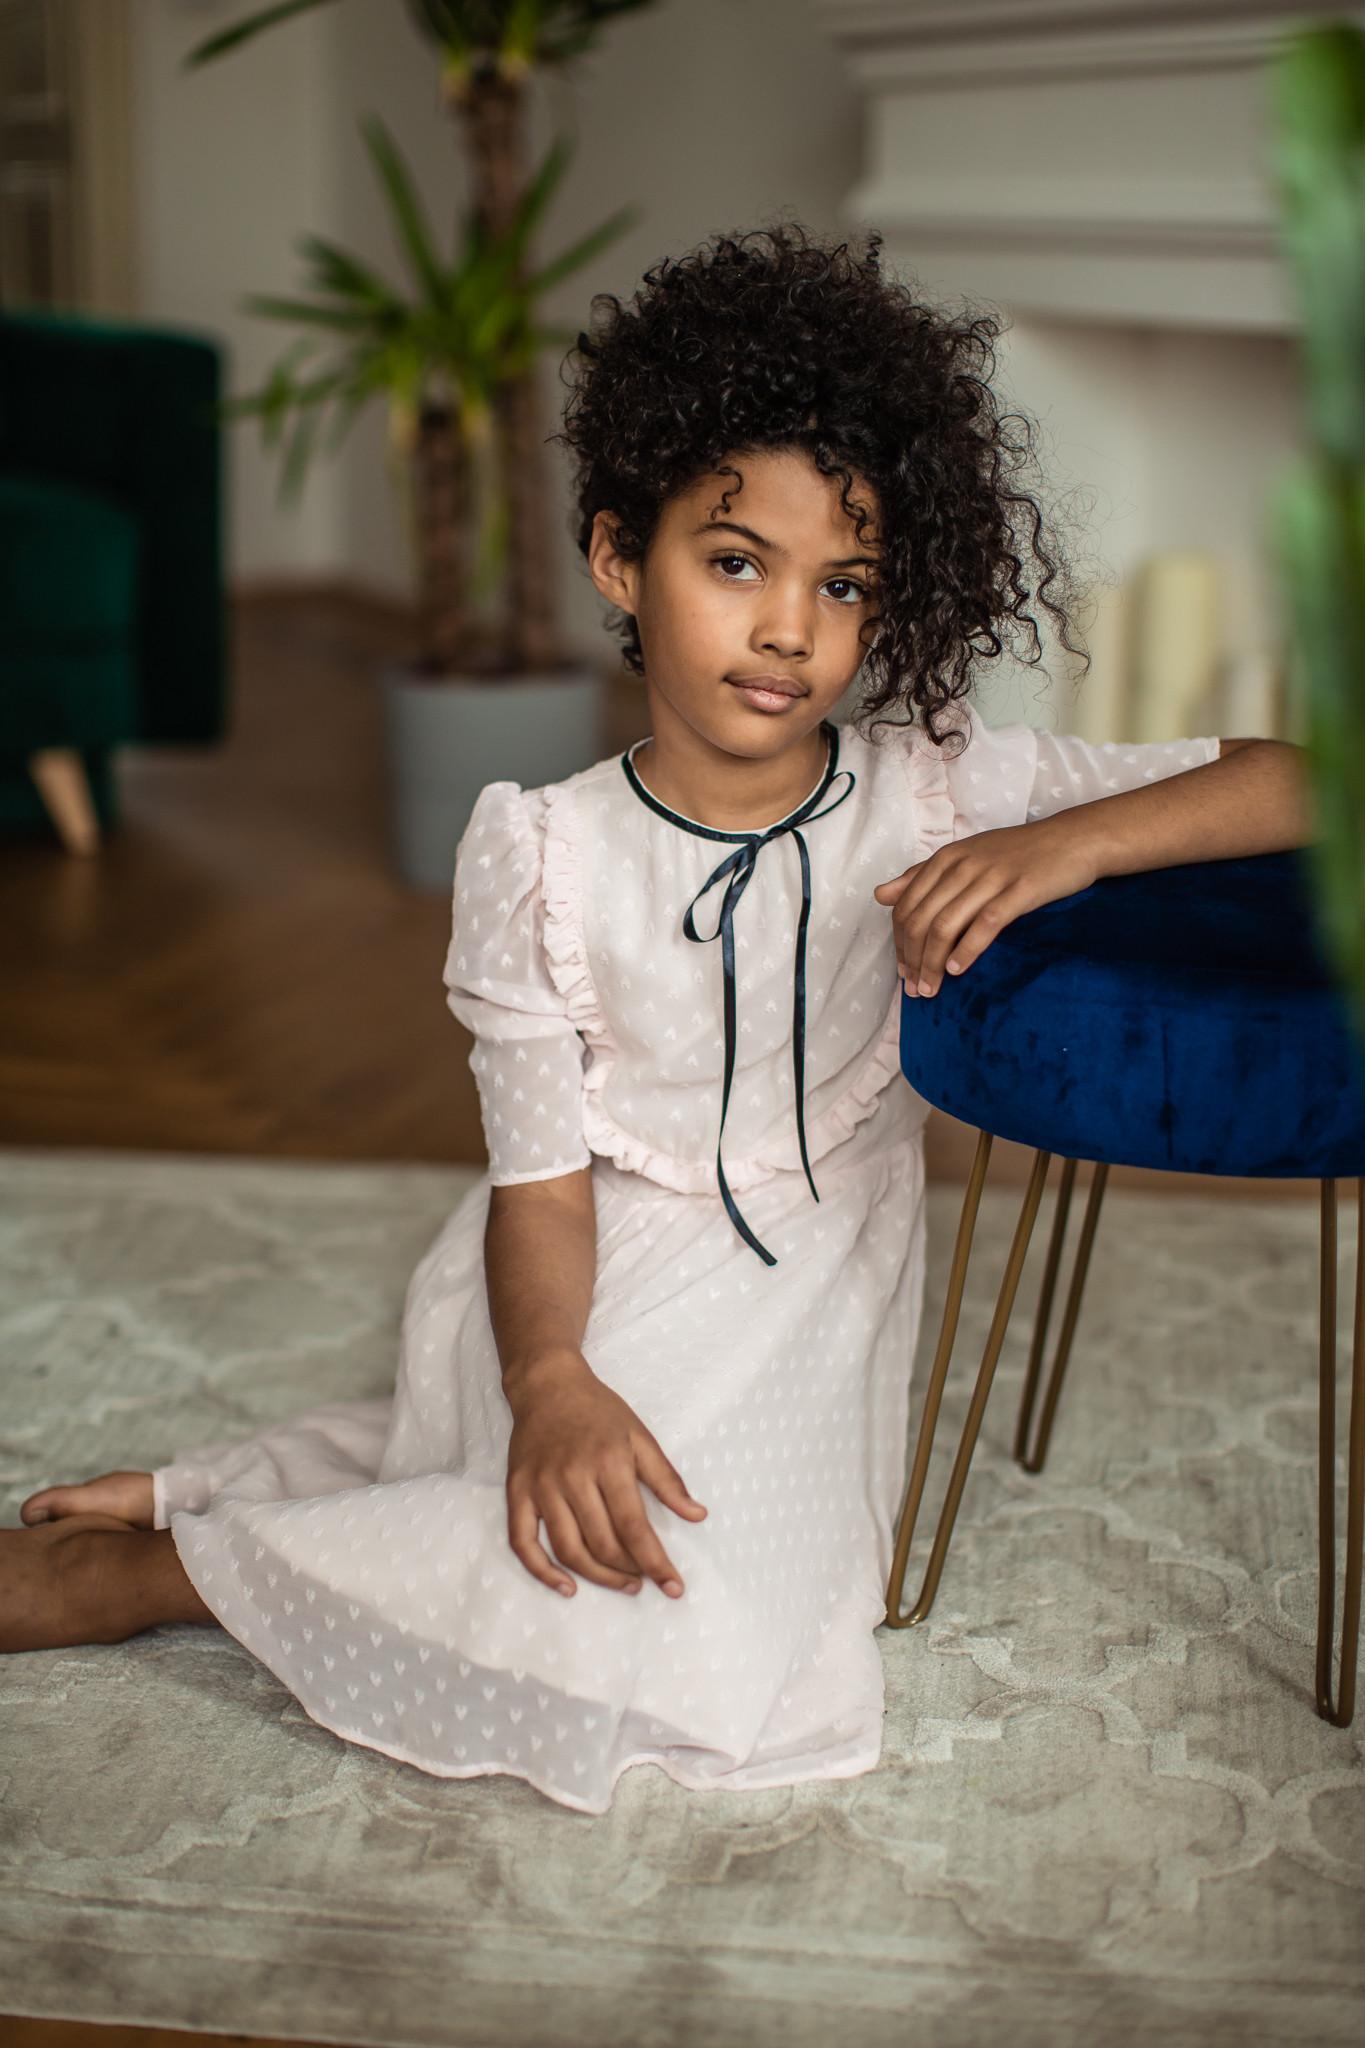 Sukienka pudrowy róż - Domino.little.dress   JestemSlow.pl